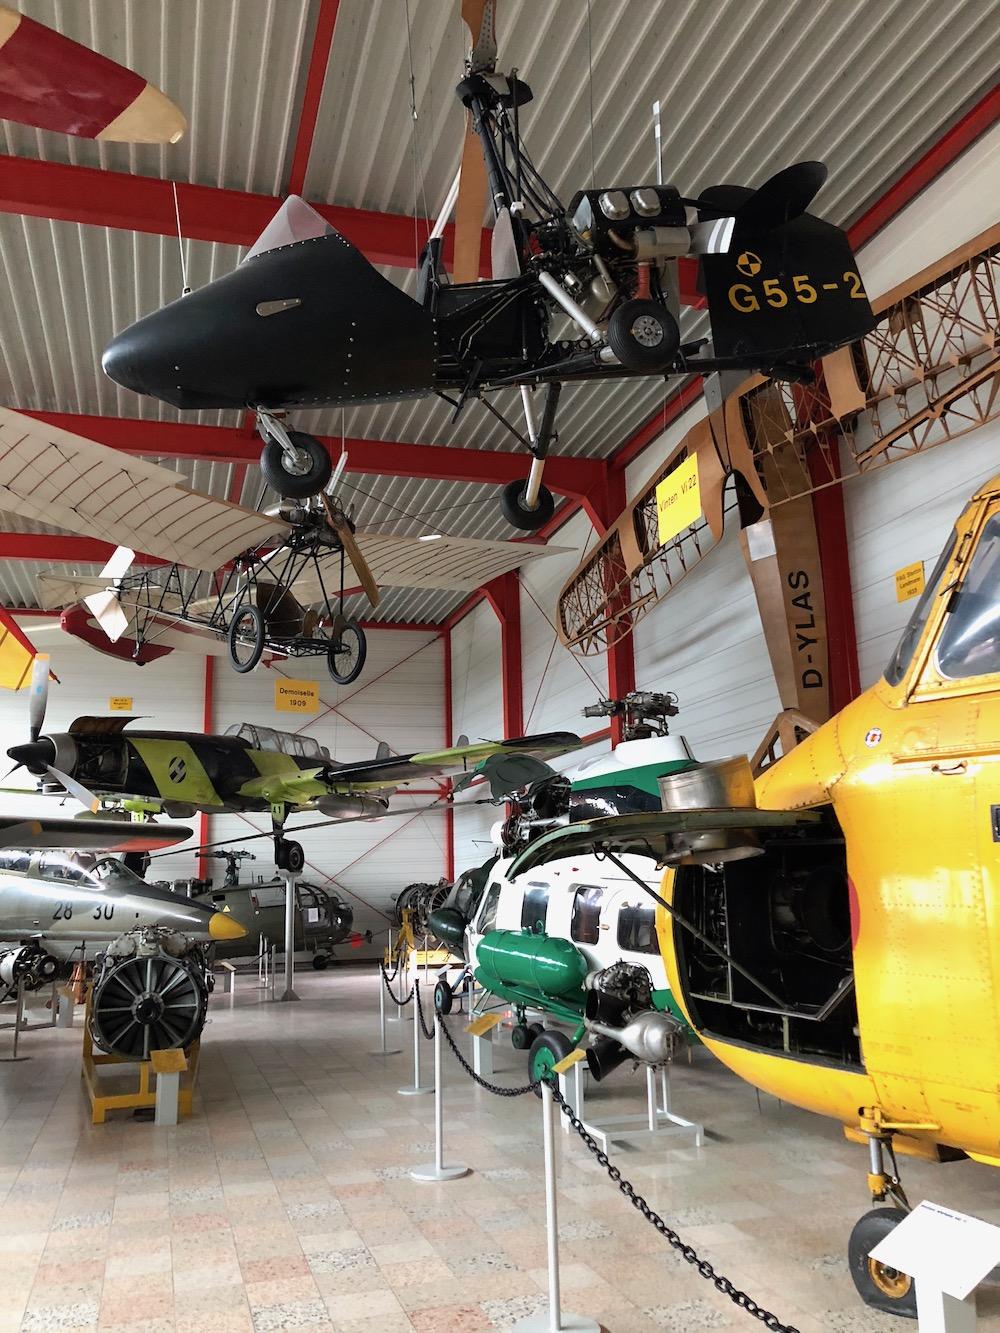 flugausstellung vliegtuigmuseum Hermeskeil 04